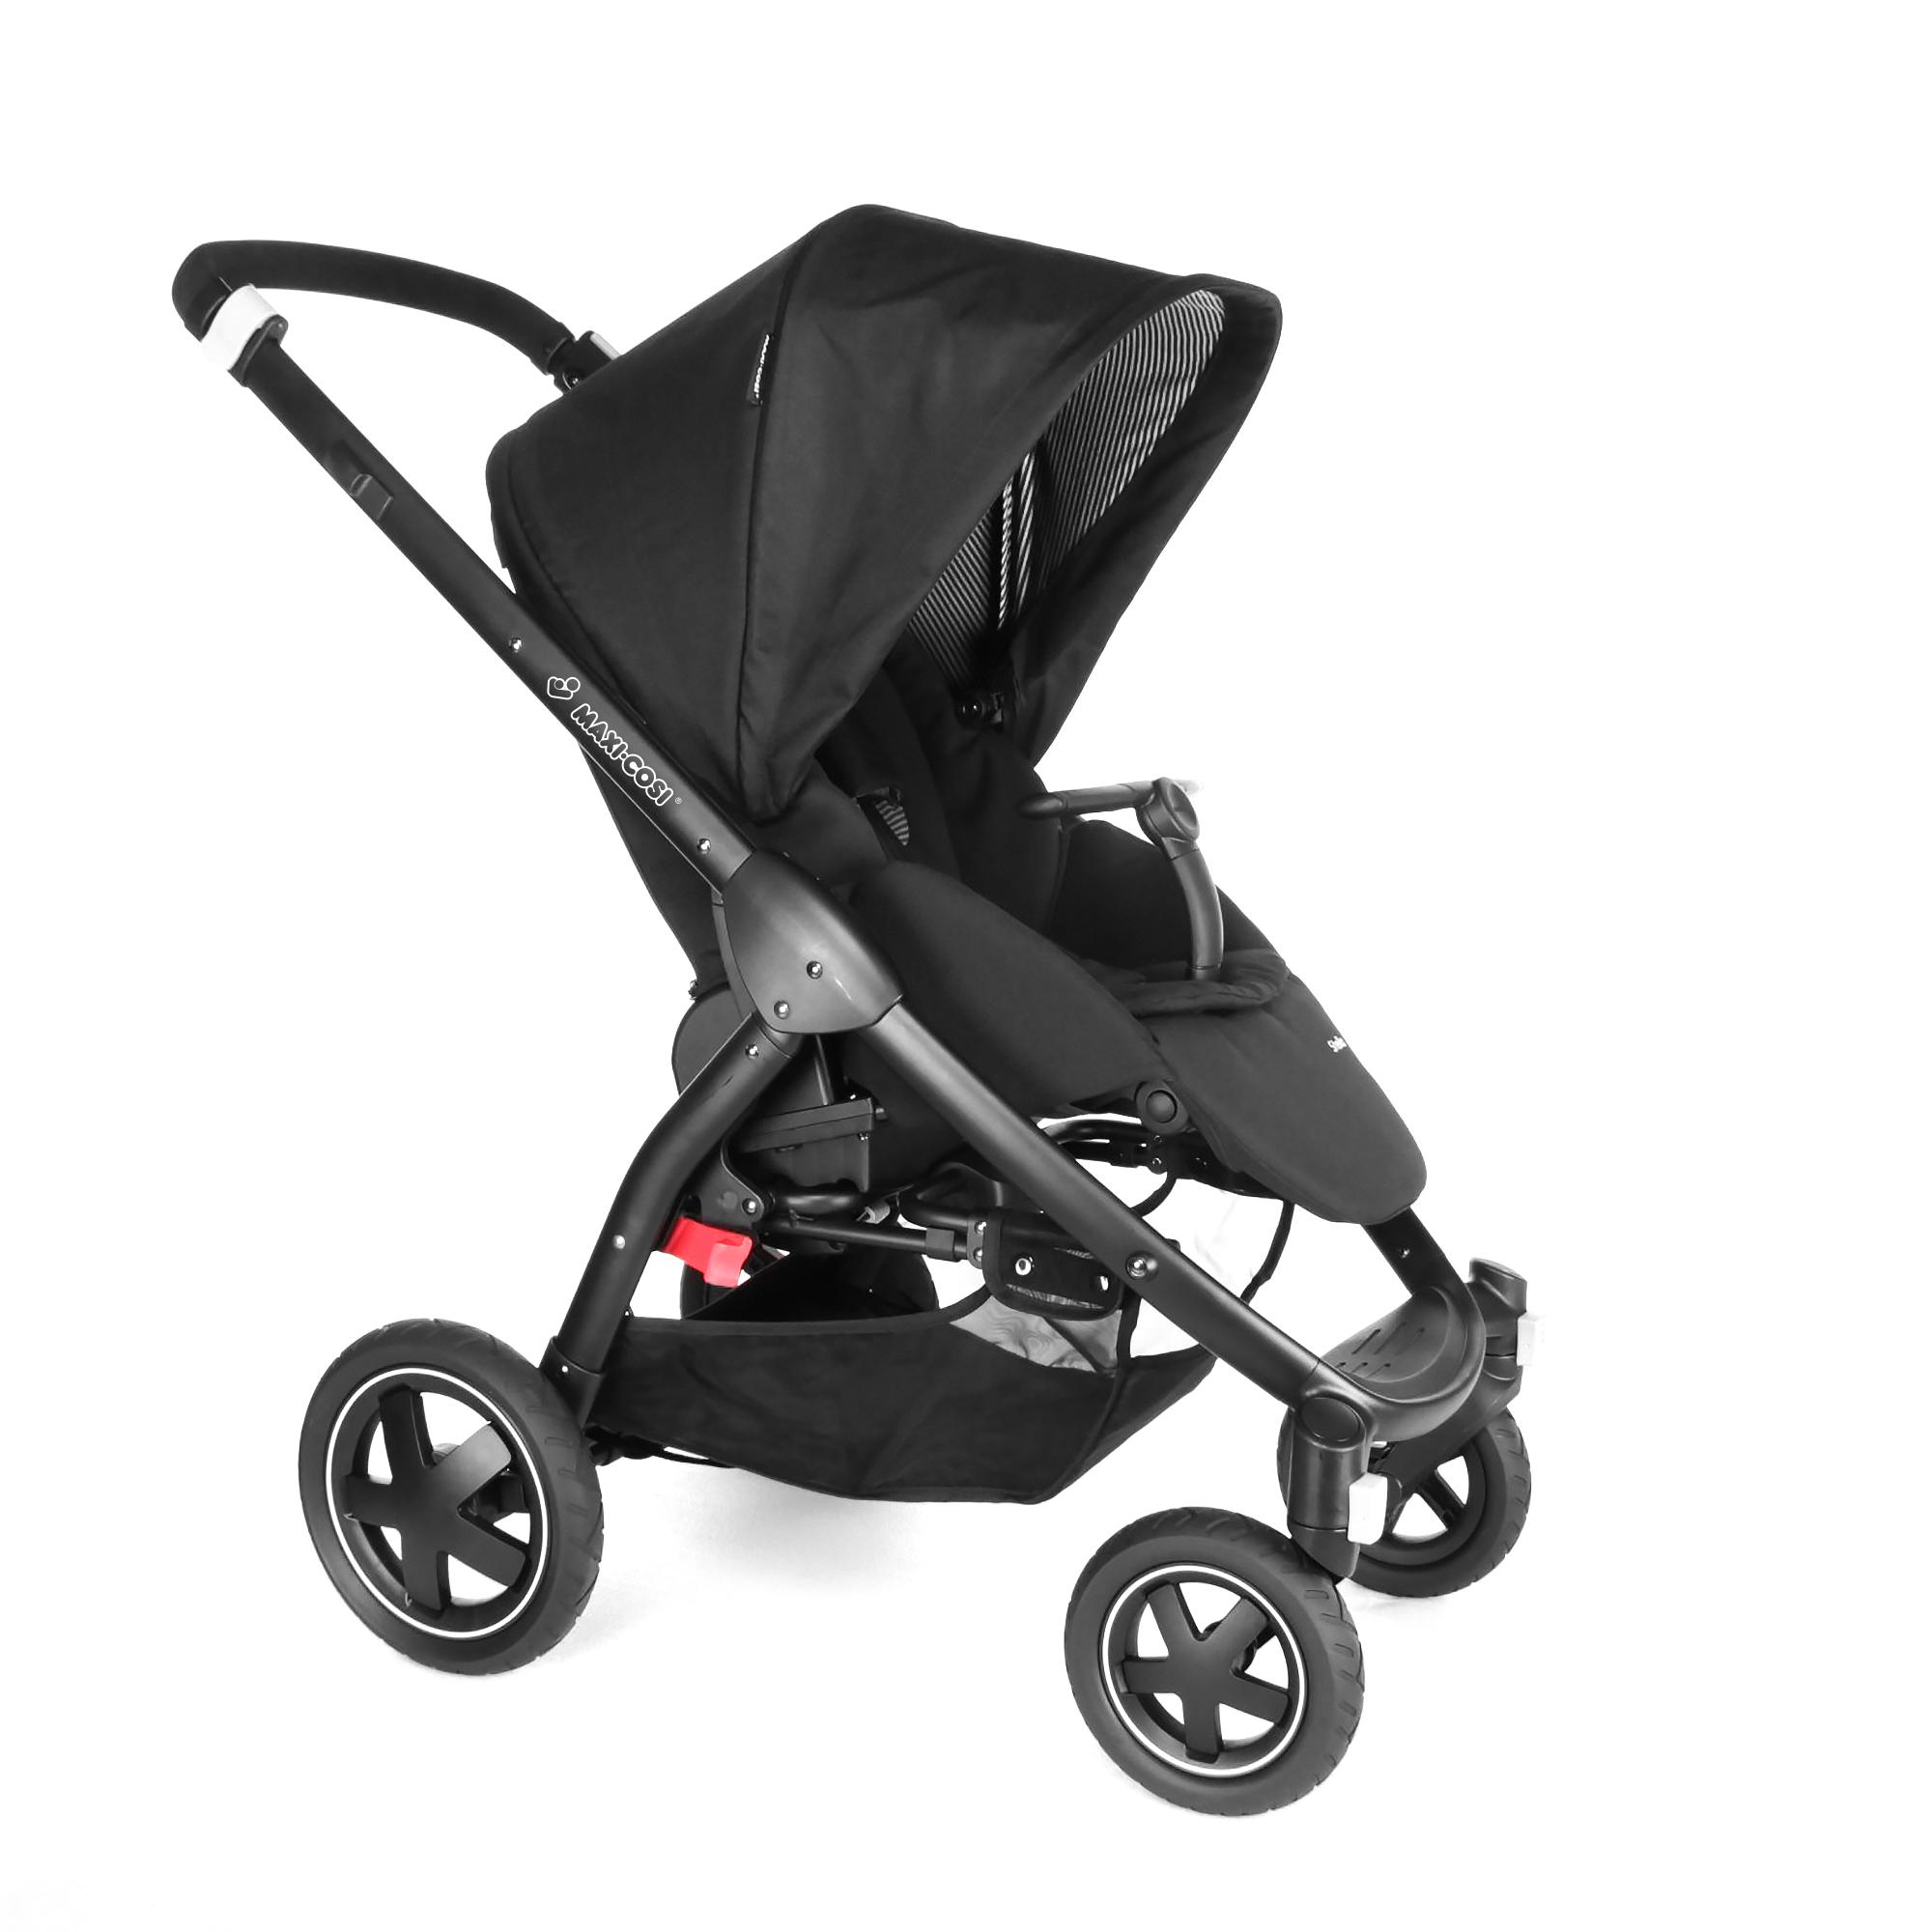 maxi cosi stroller stella 2017 black raven buy at kidsroom strollers. Black Bedroom Furniture Sets. Home Design Ideas